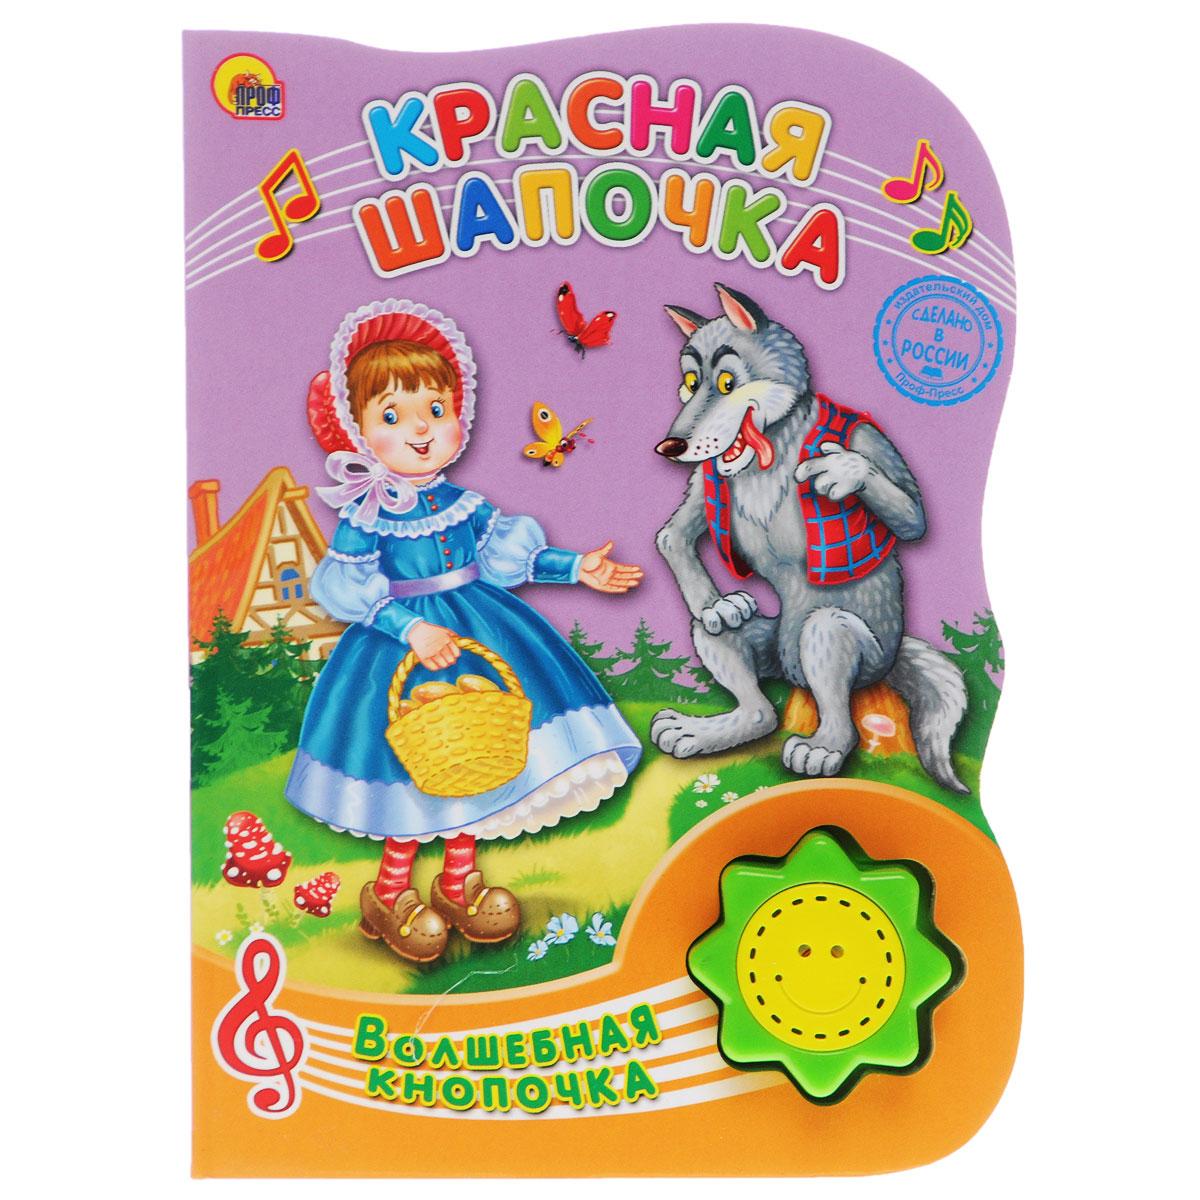 Наталья Майер Красная шапочка. Книжка-игрушка книжки картонки росмэн волшебная снежинка новогодняя книга